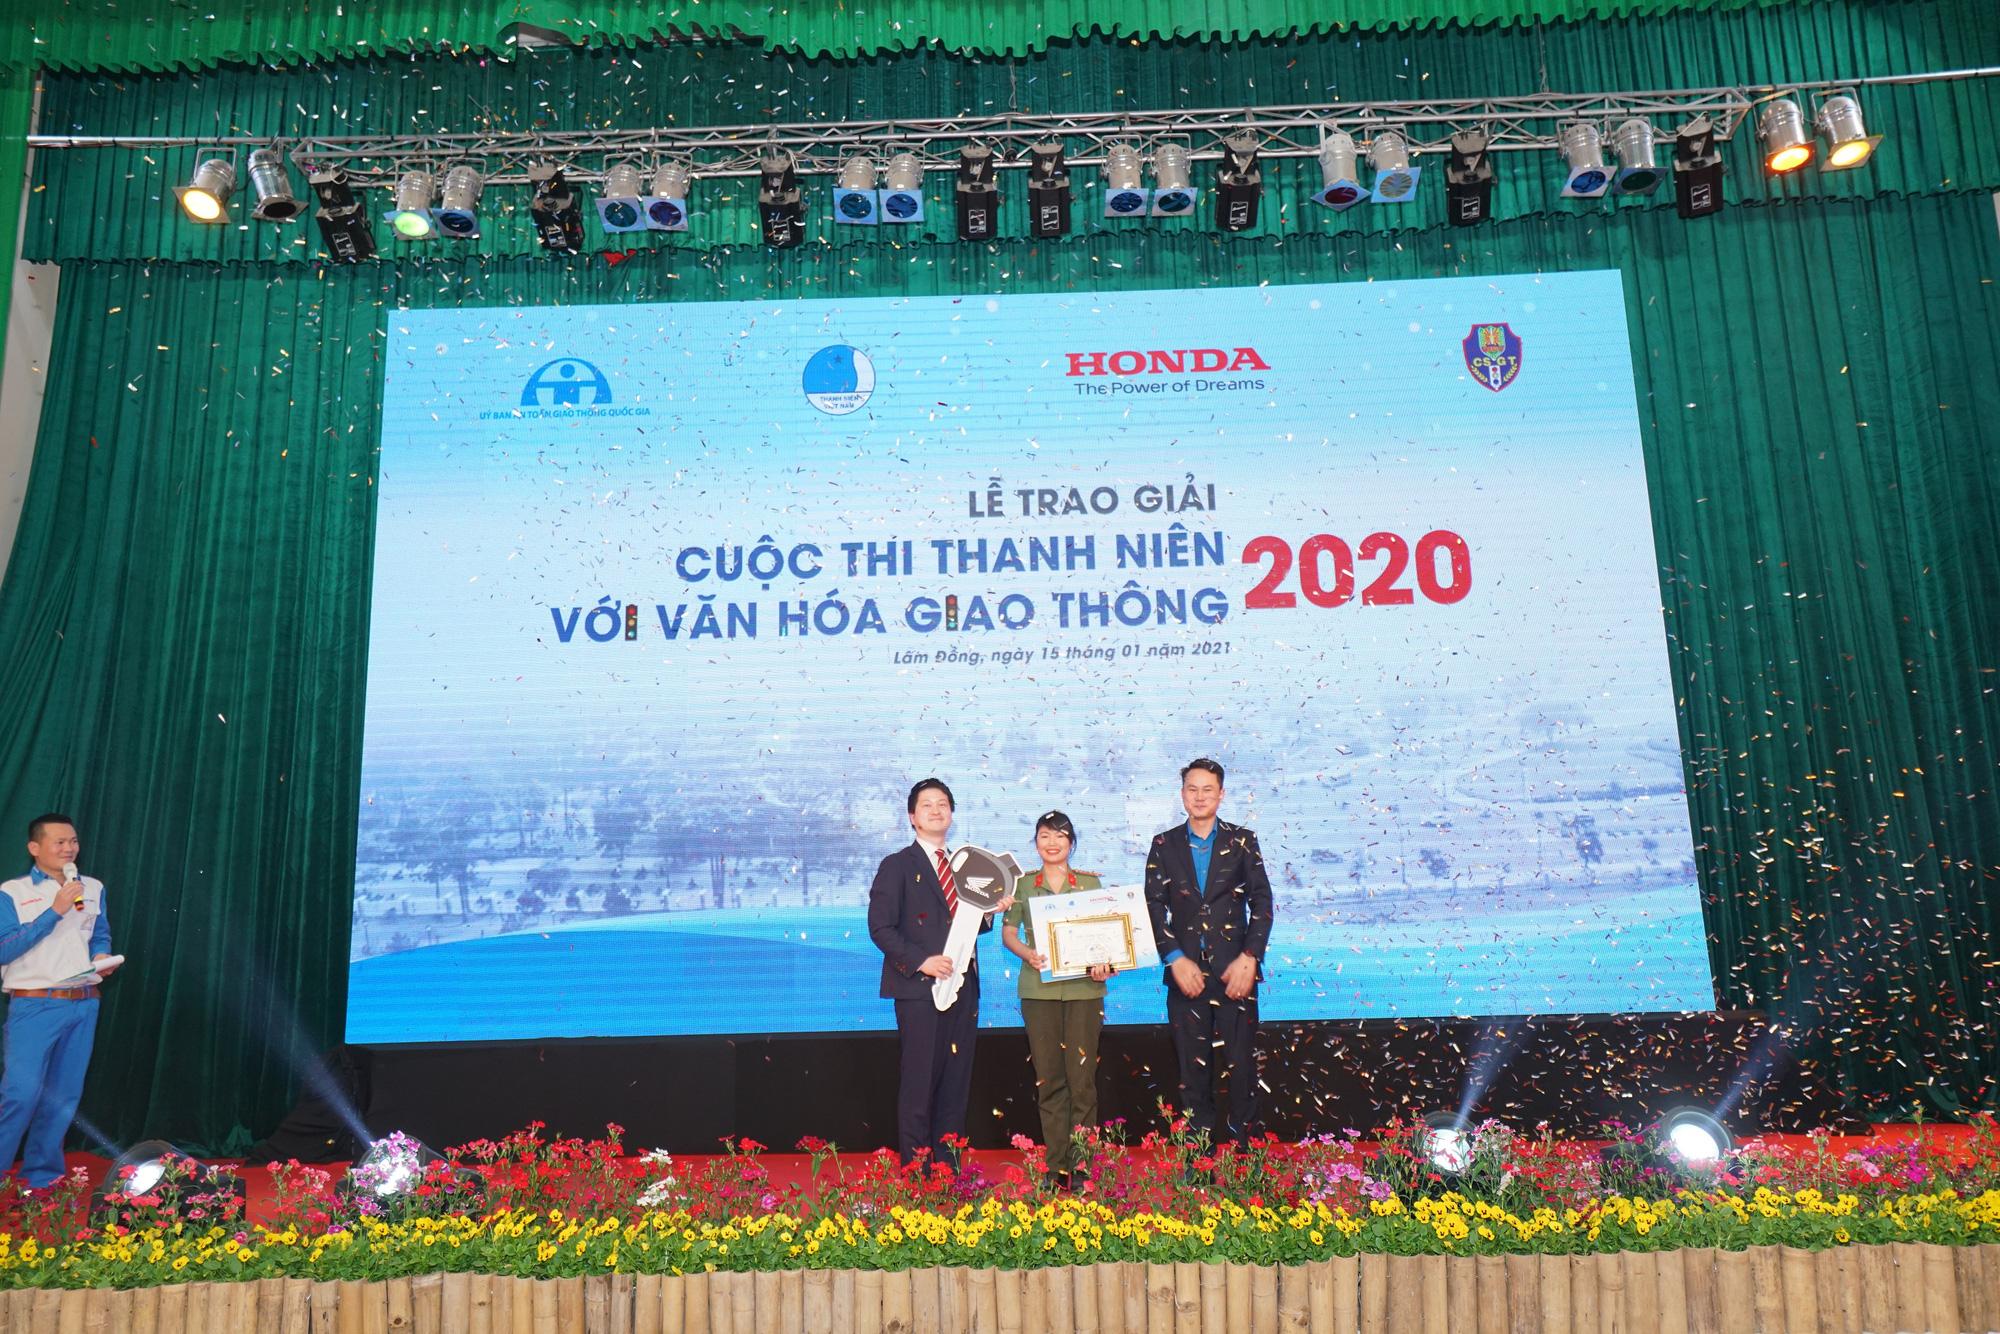 """Sôi nổi Vòng chung kết và Lễ trao giải cuộc thi """"Thanh niên với Văn hóa giao thông"""" năm 2020 - Ảnh 4."""